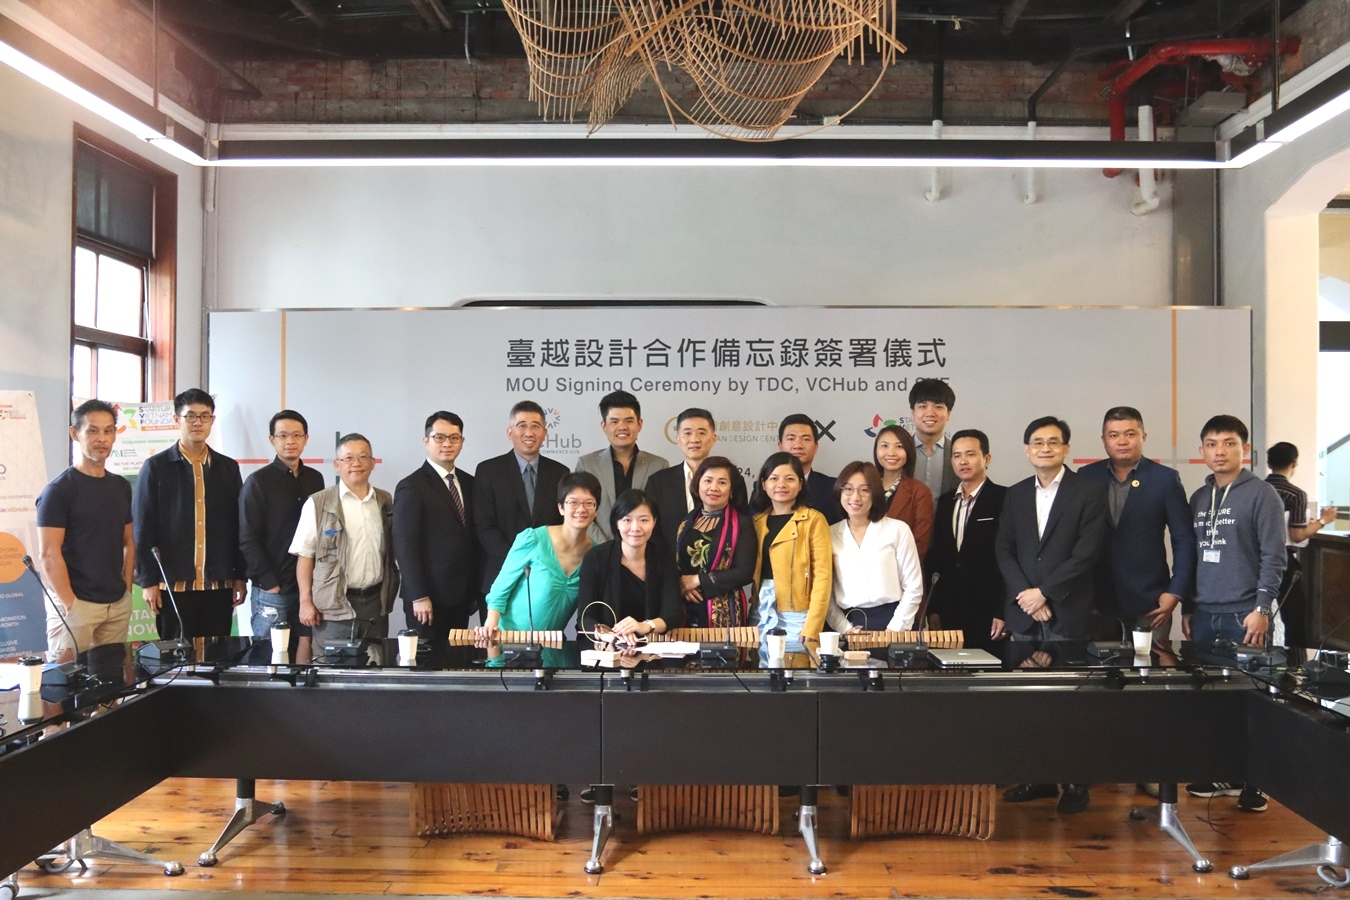 設計新南向  首次台灣設計與越南簽署設計合作備忘錄